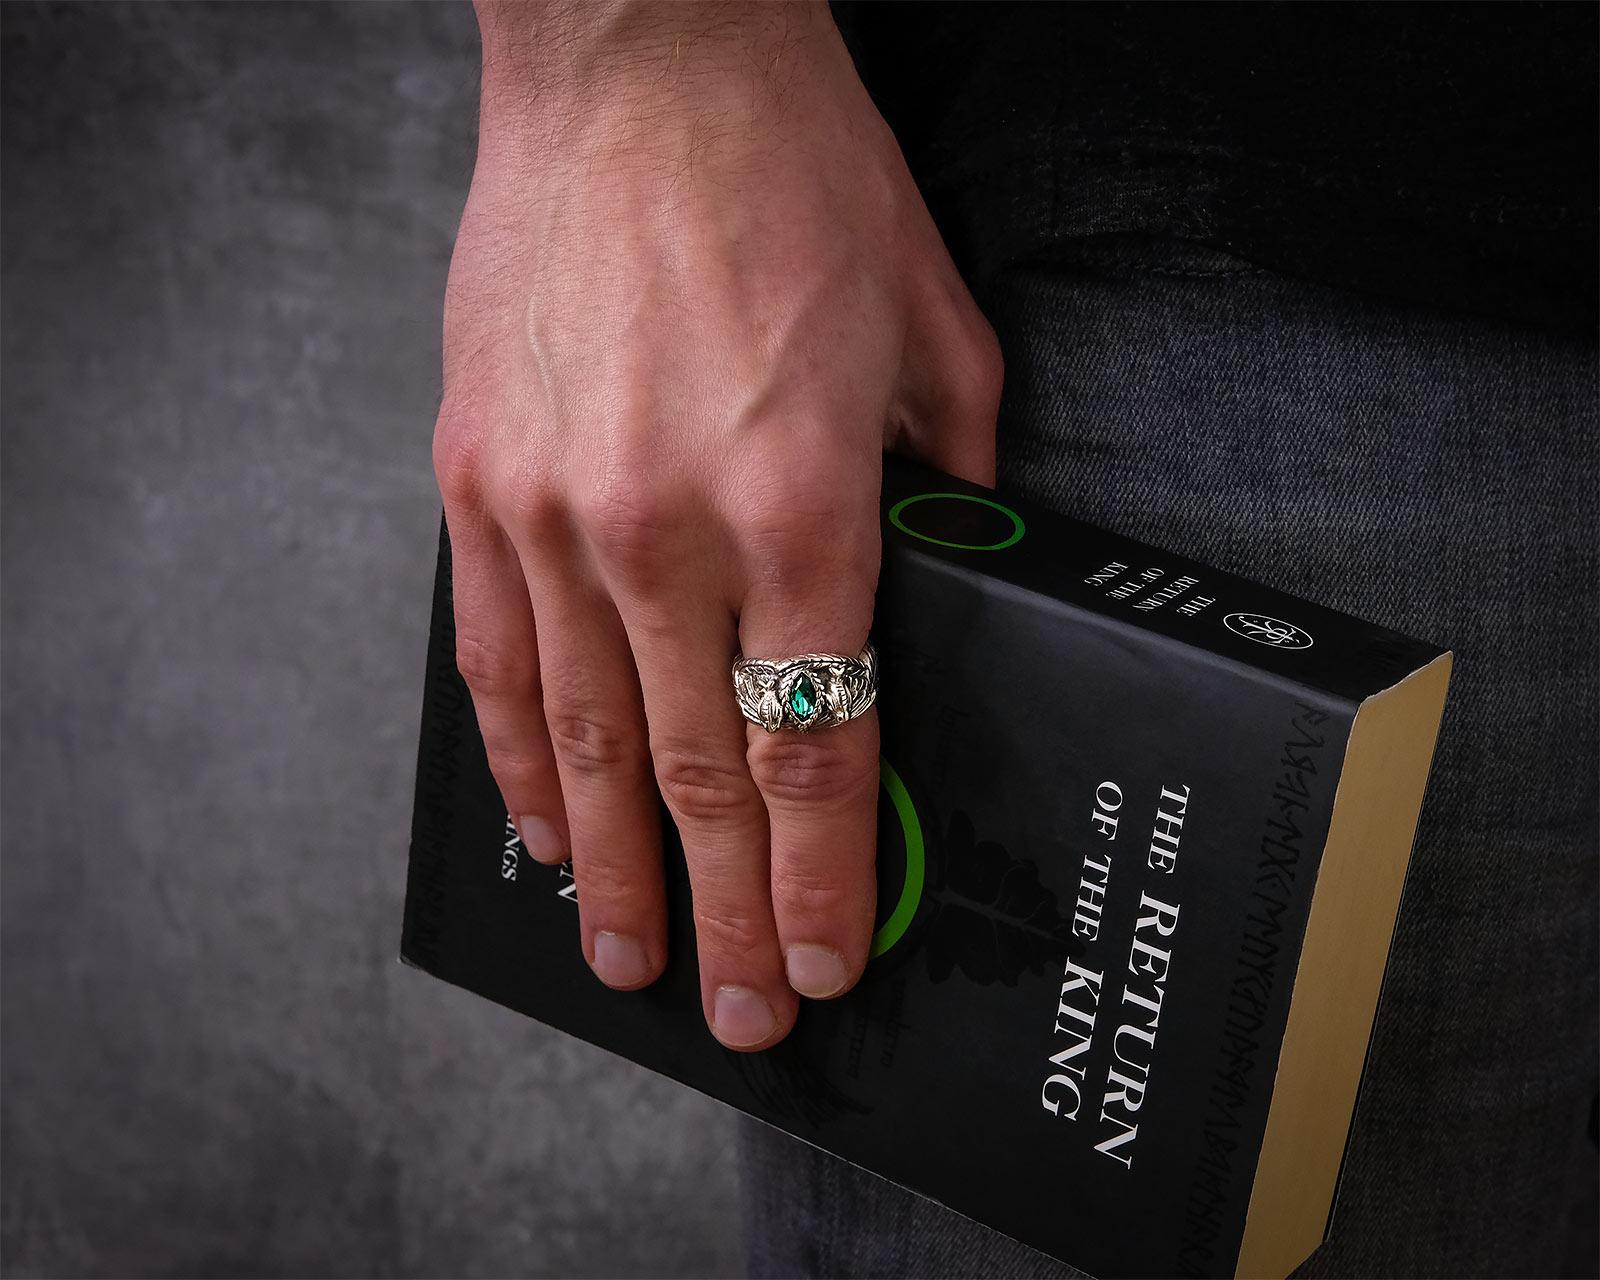 barahirs ring aragorns ring herr der ringe offizieller warner bros shop. Black Bedroom Furniture Sets. Home Design Ideas